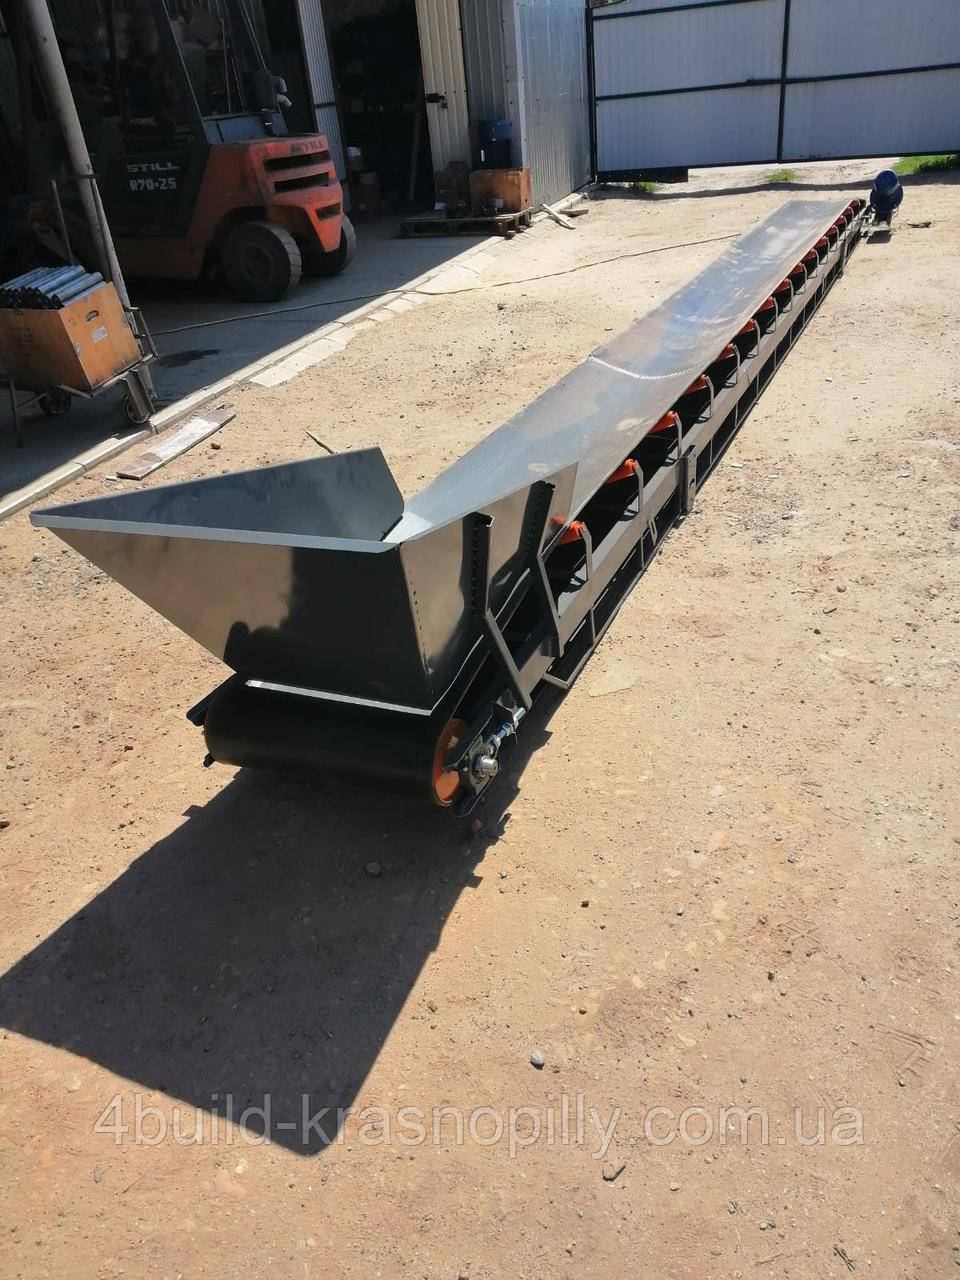 Транспортер ленточный лт 500 скребковый конвейер предназначен для